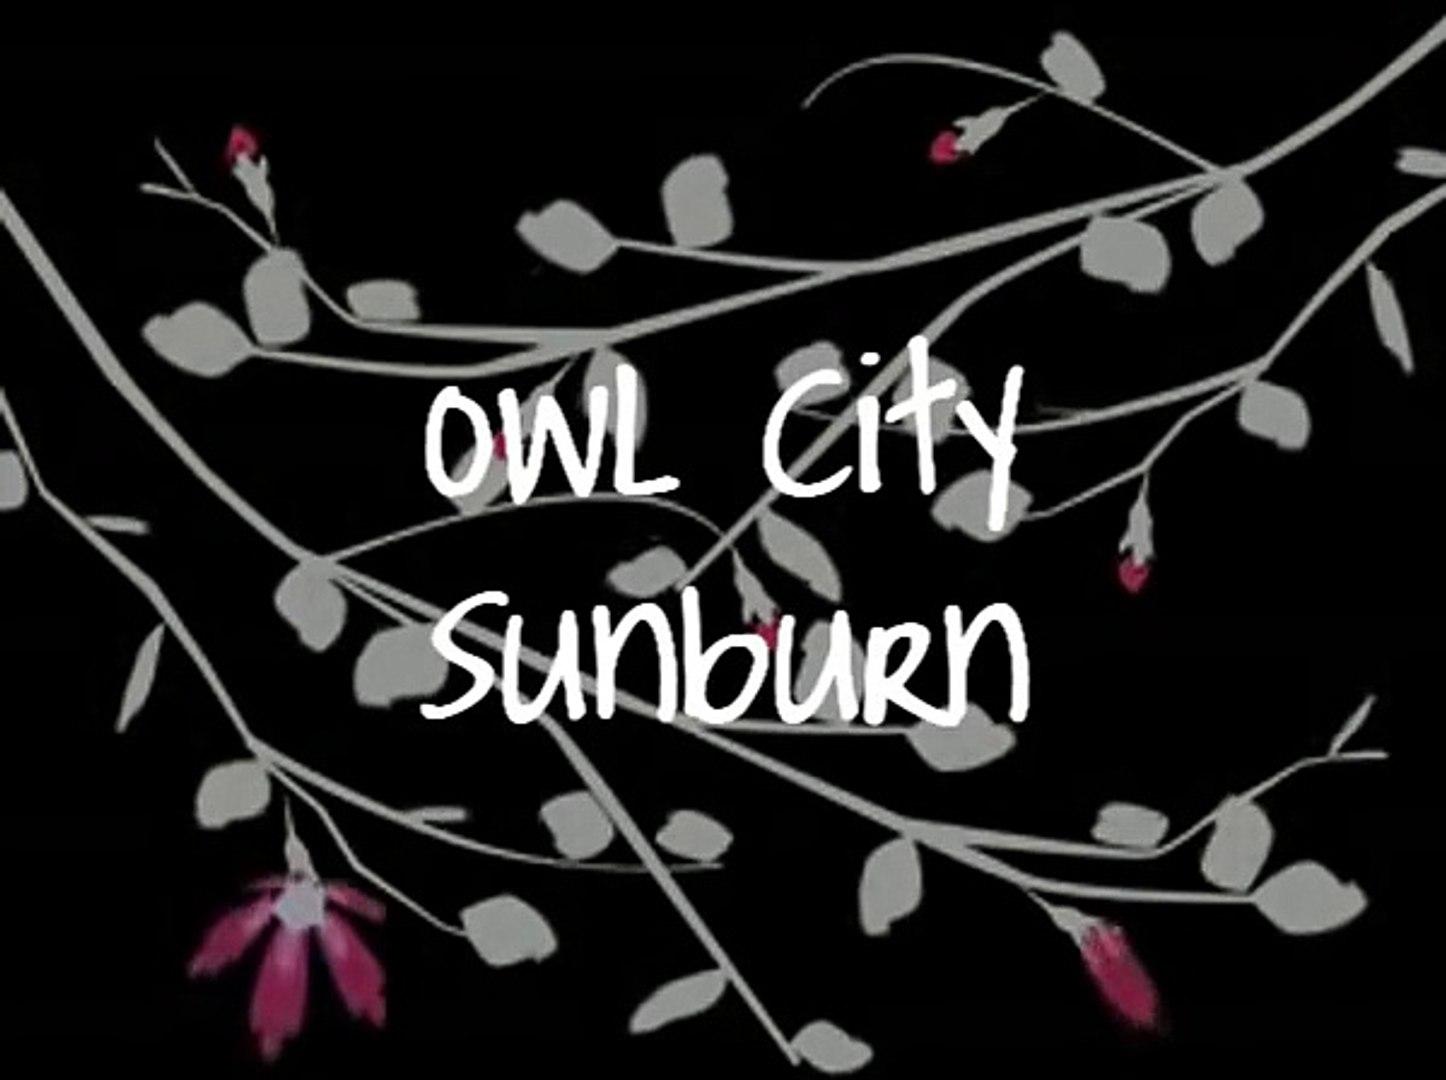 Owl City Sunburn Lyrics